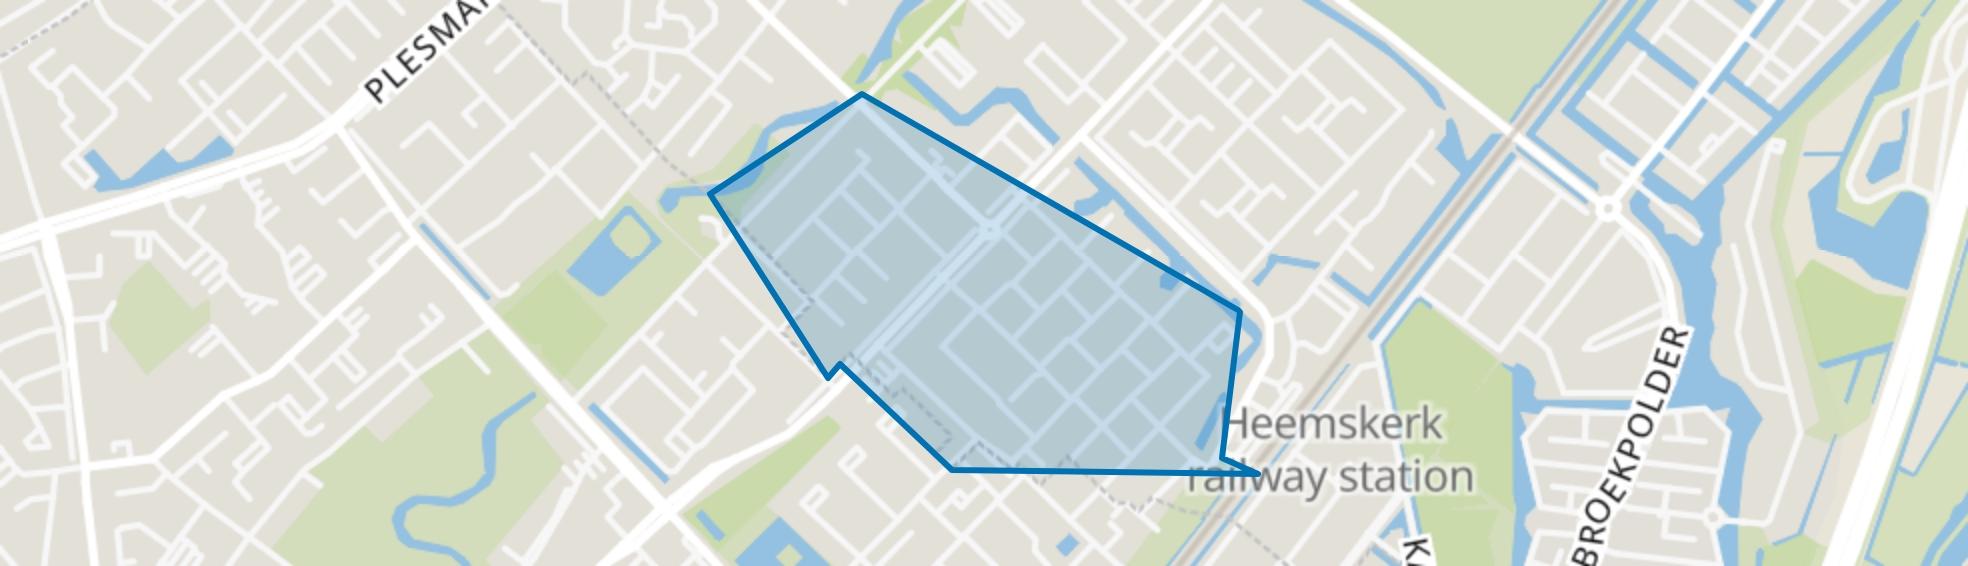 Oosterwijk, Heemskerk map